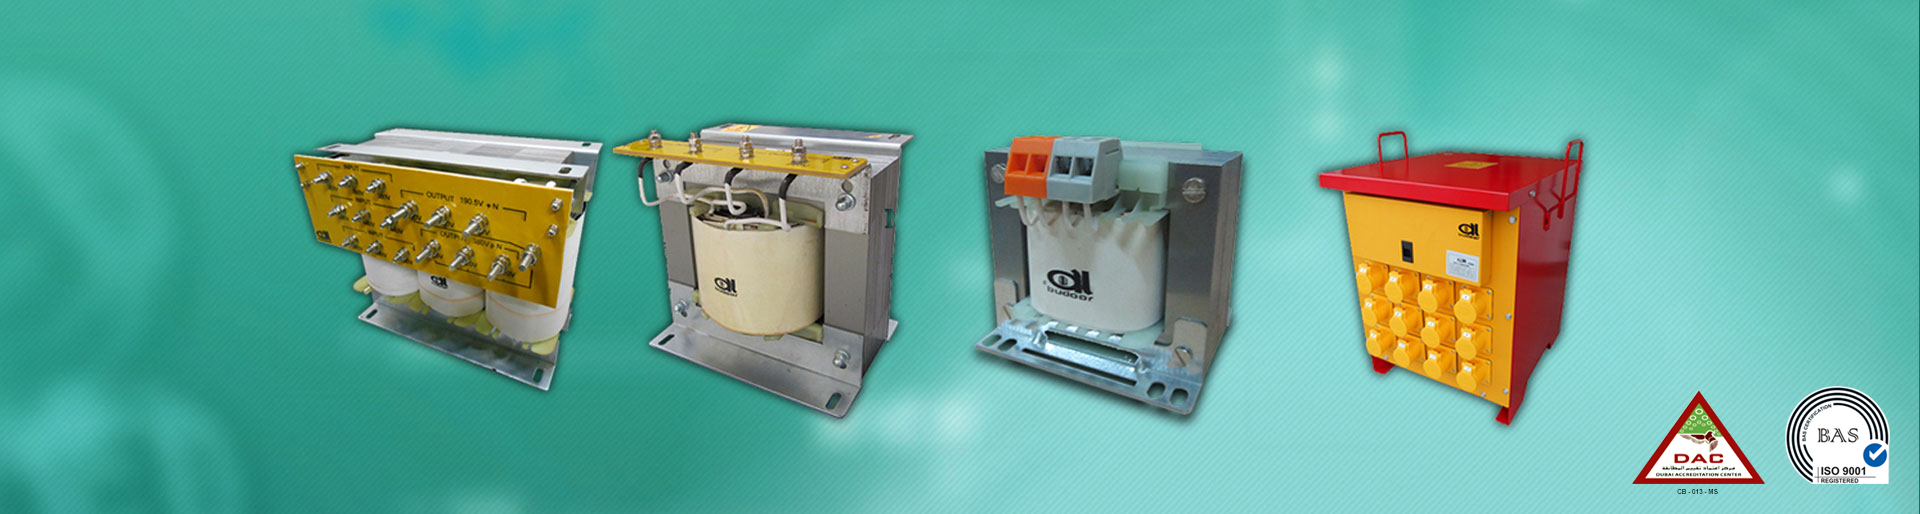 Al Budoor Transformers, UAE -manufacturer, distributor, dry